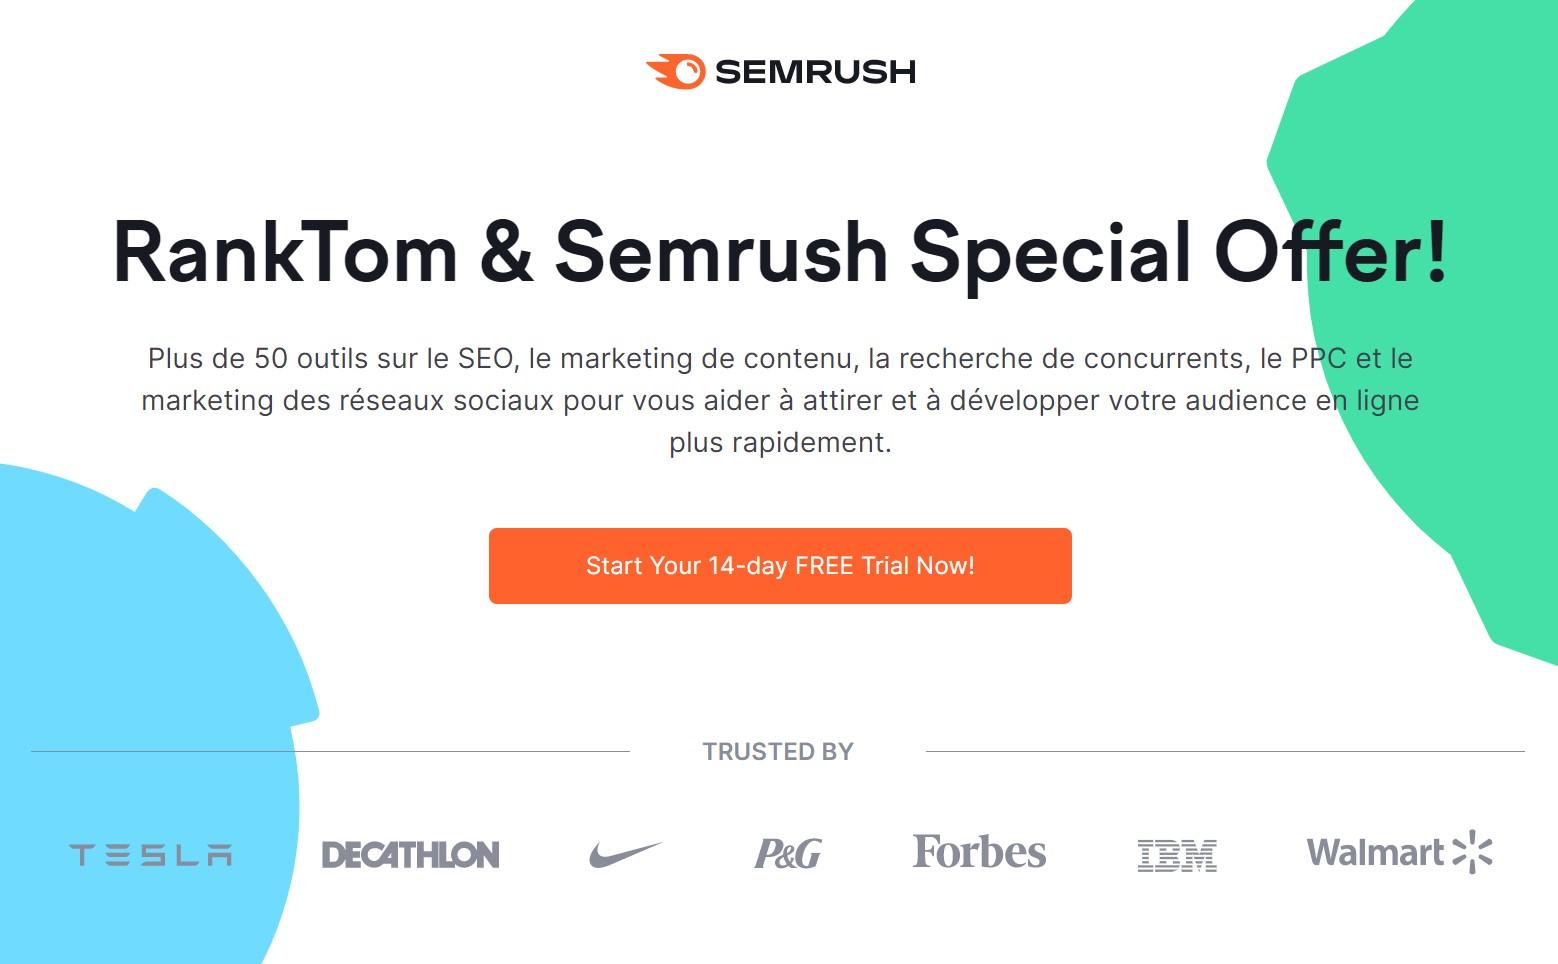 Semrush essai gratuit 14 jours